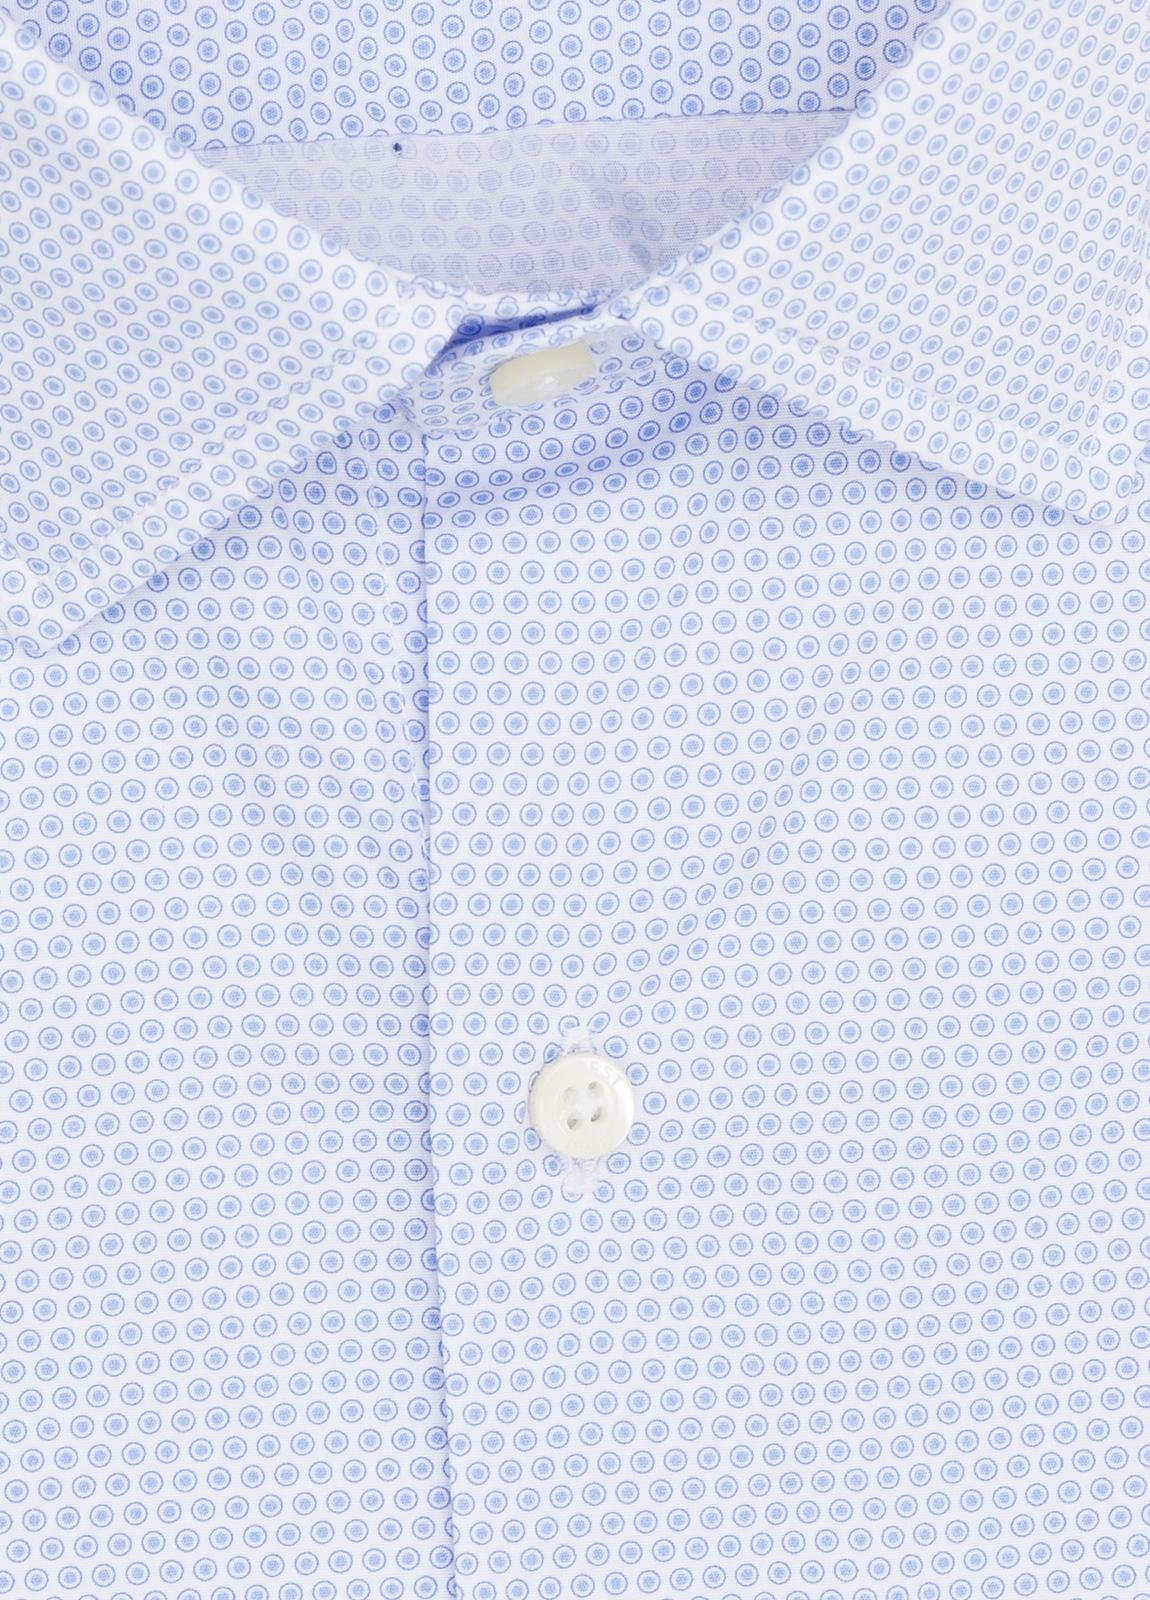 Camisa Casual Wear FUREST COLECCIÓN slim fit dibujo celeste - Ítem2